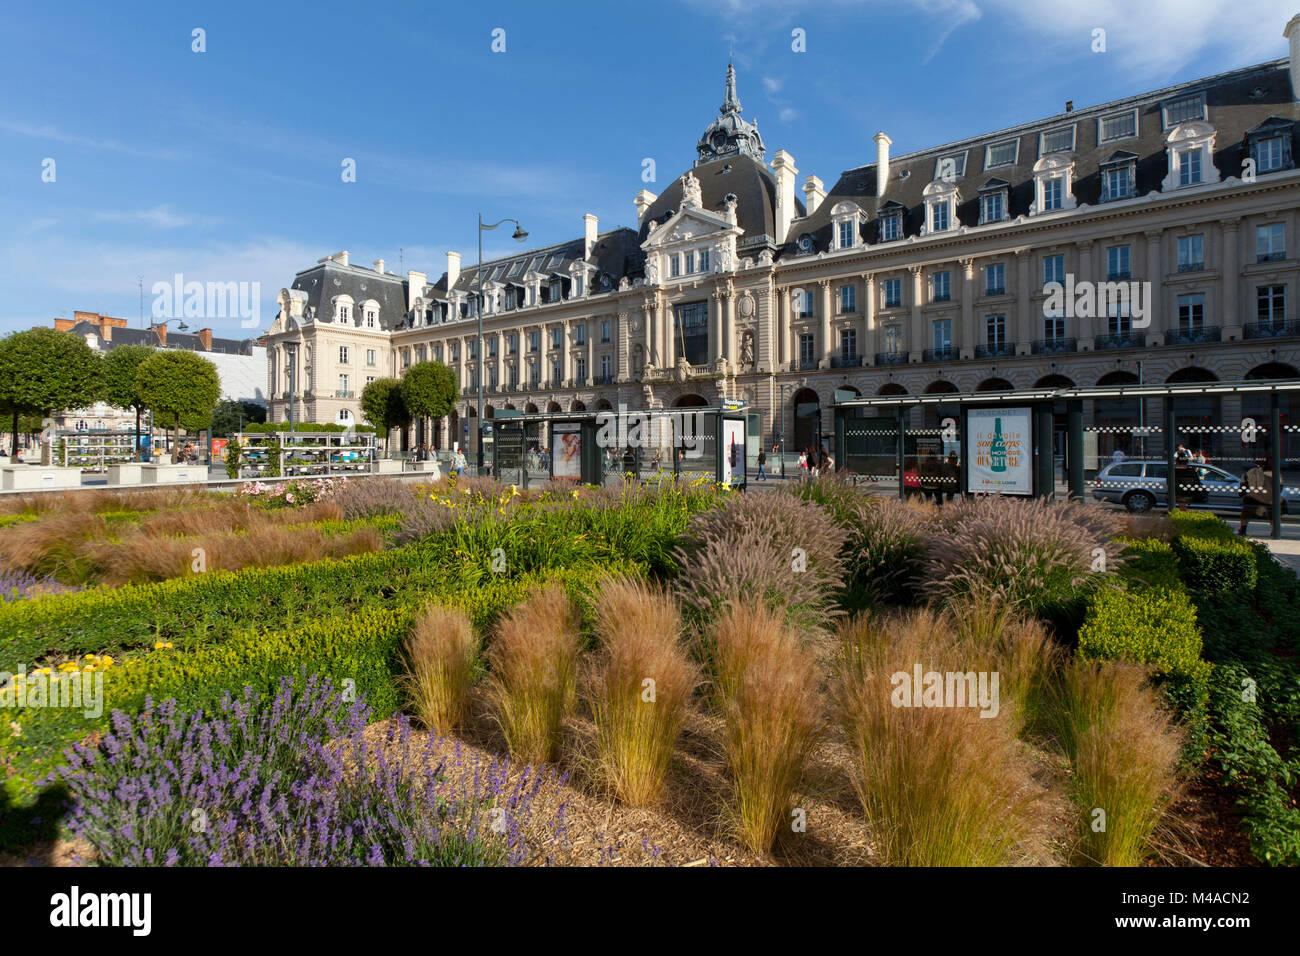 """Rennes (Bretagne, nord-ouest de la France): """"La place de la République et la place des """"Palais du commerce"""", un bâtiment abritant le bureau de poste (""""La Poste""""). (N Banque D'Images"""